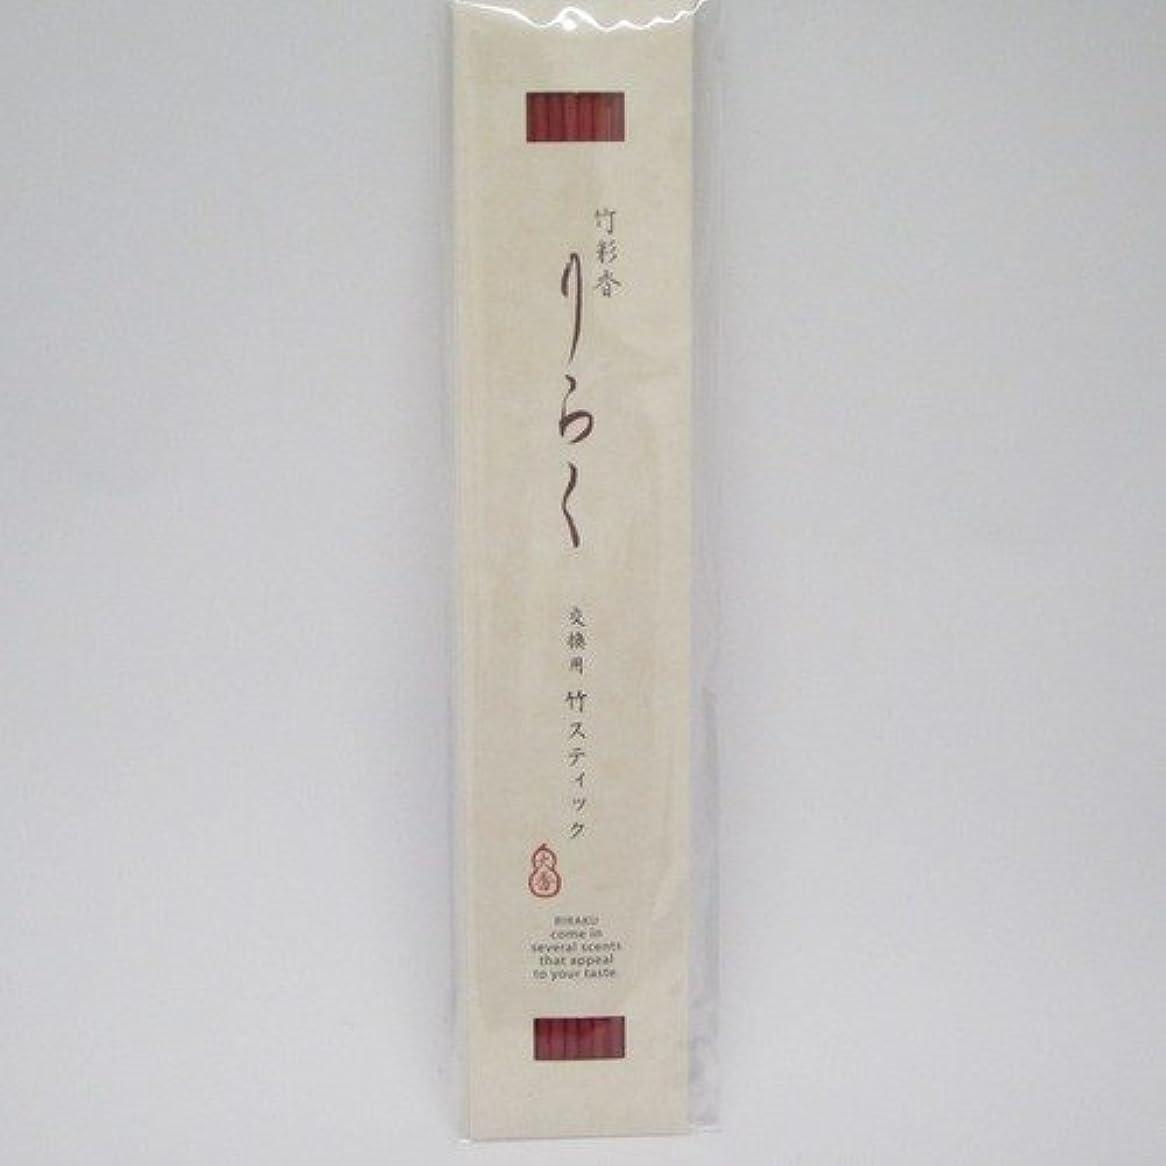 嬉しいですシンポジウム残り物りらく 竹彩香りらく竹スティック ばらの色